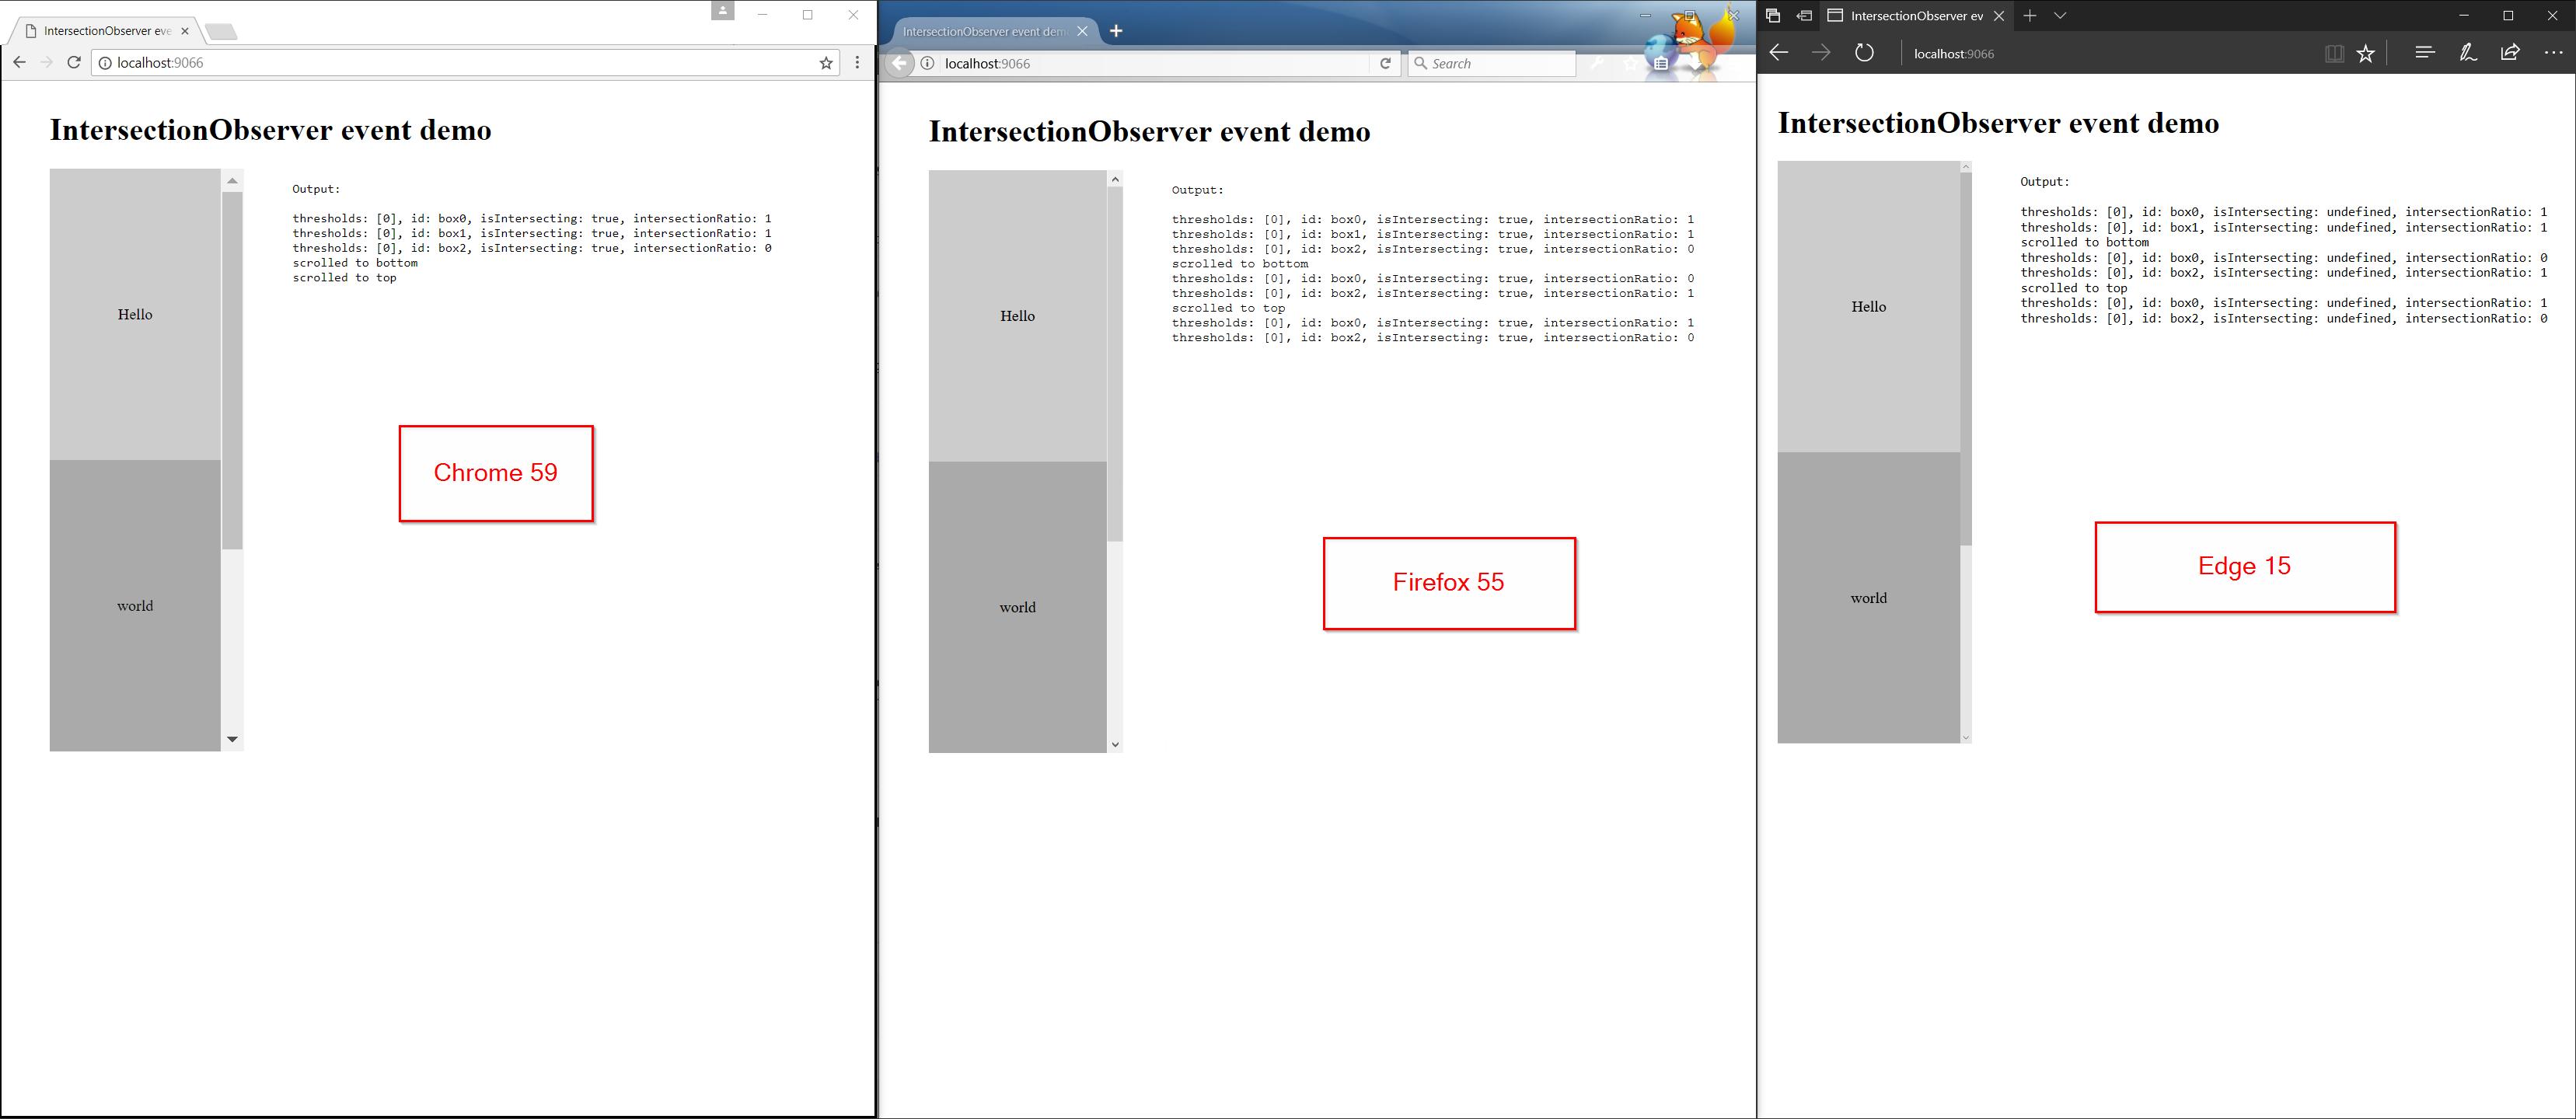 2017-06-21 09_48_41-intersectionobserver event demo - microsoft edge